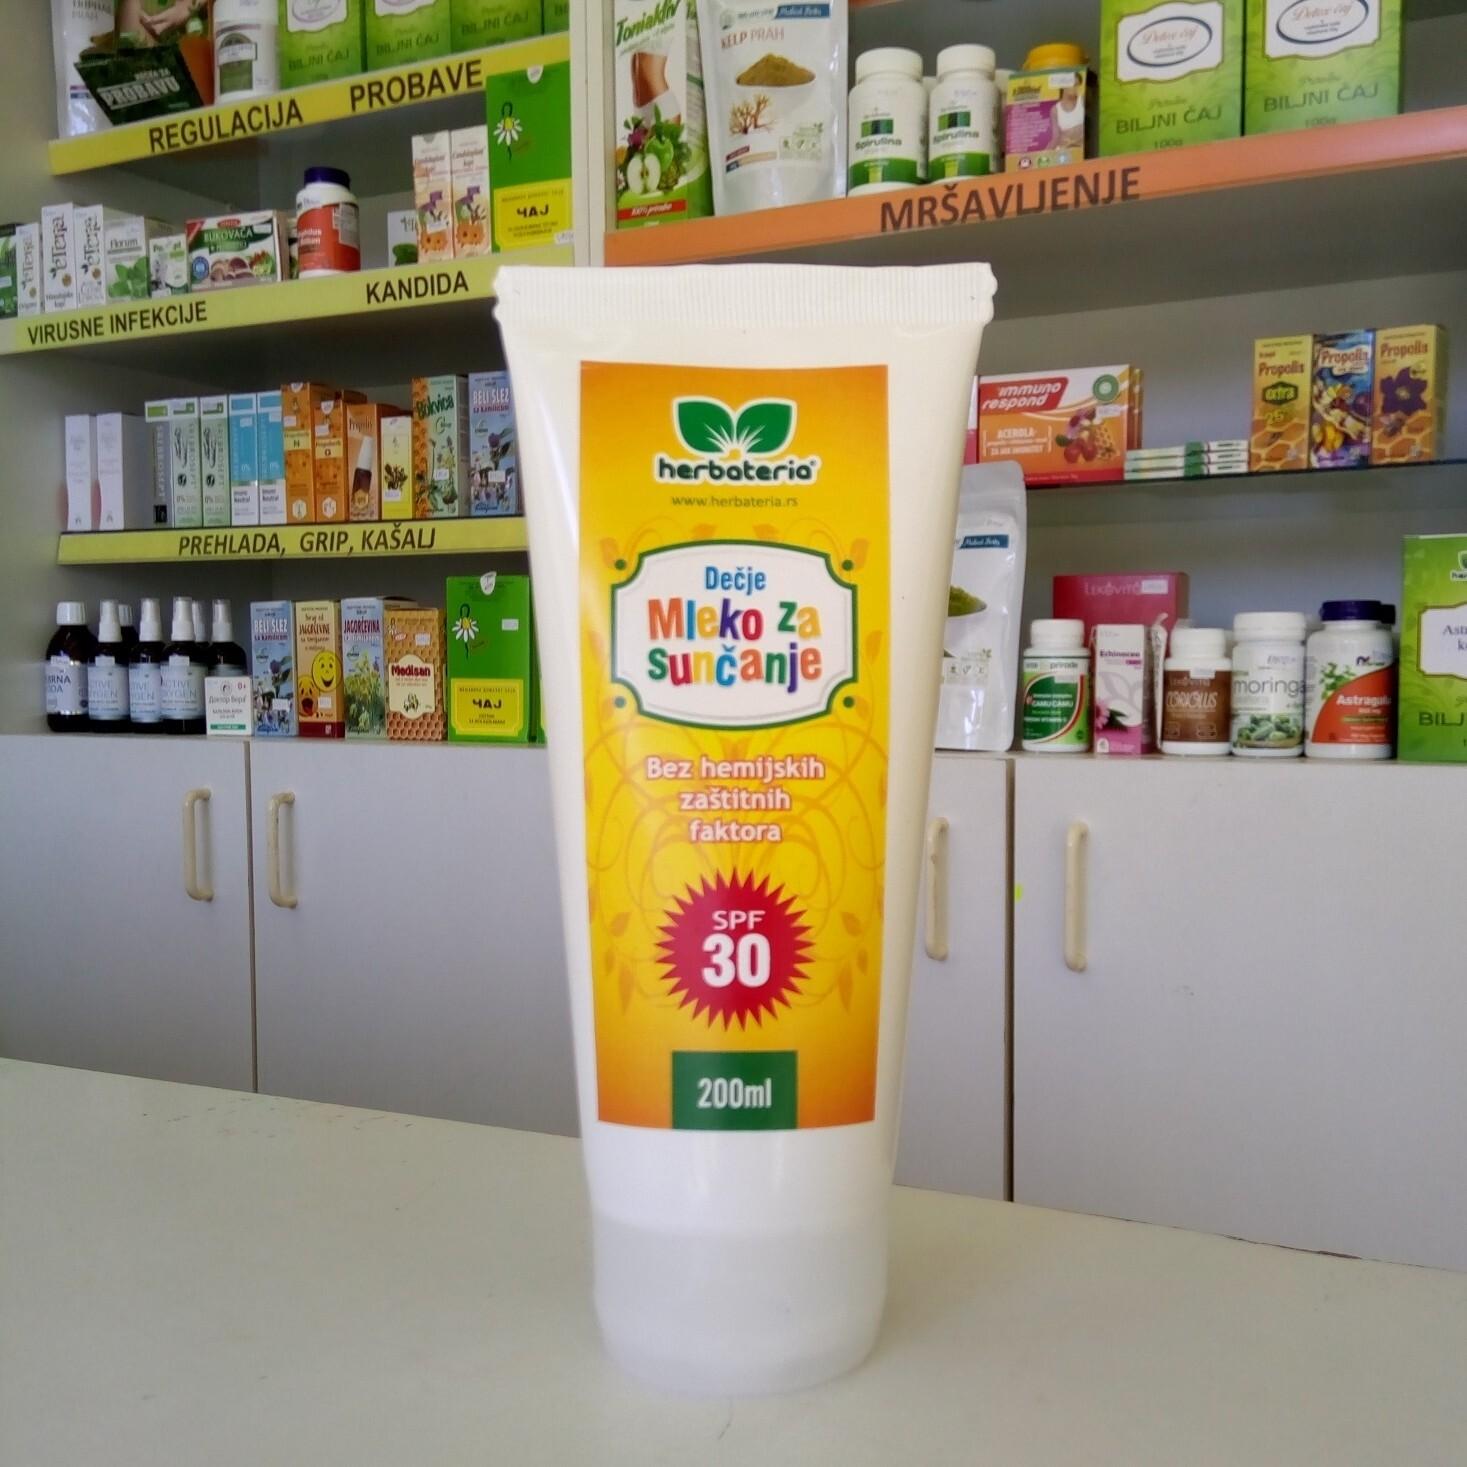 Herbateria - Mleko za sunčanje za decu SPF 30 (bez hemijskih zaštitnih faktora) 200 ml